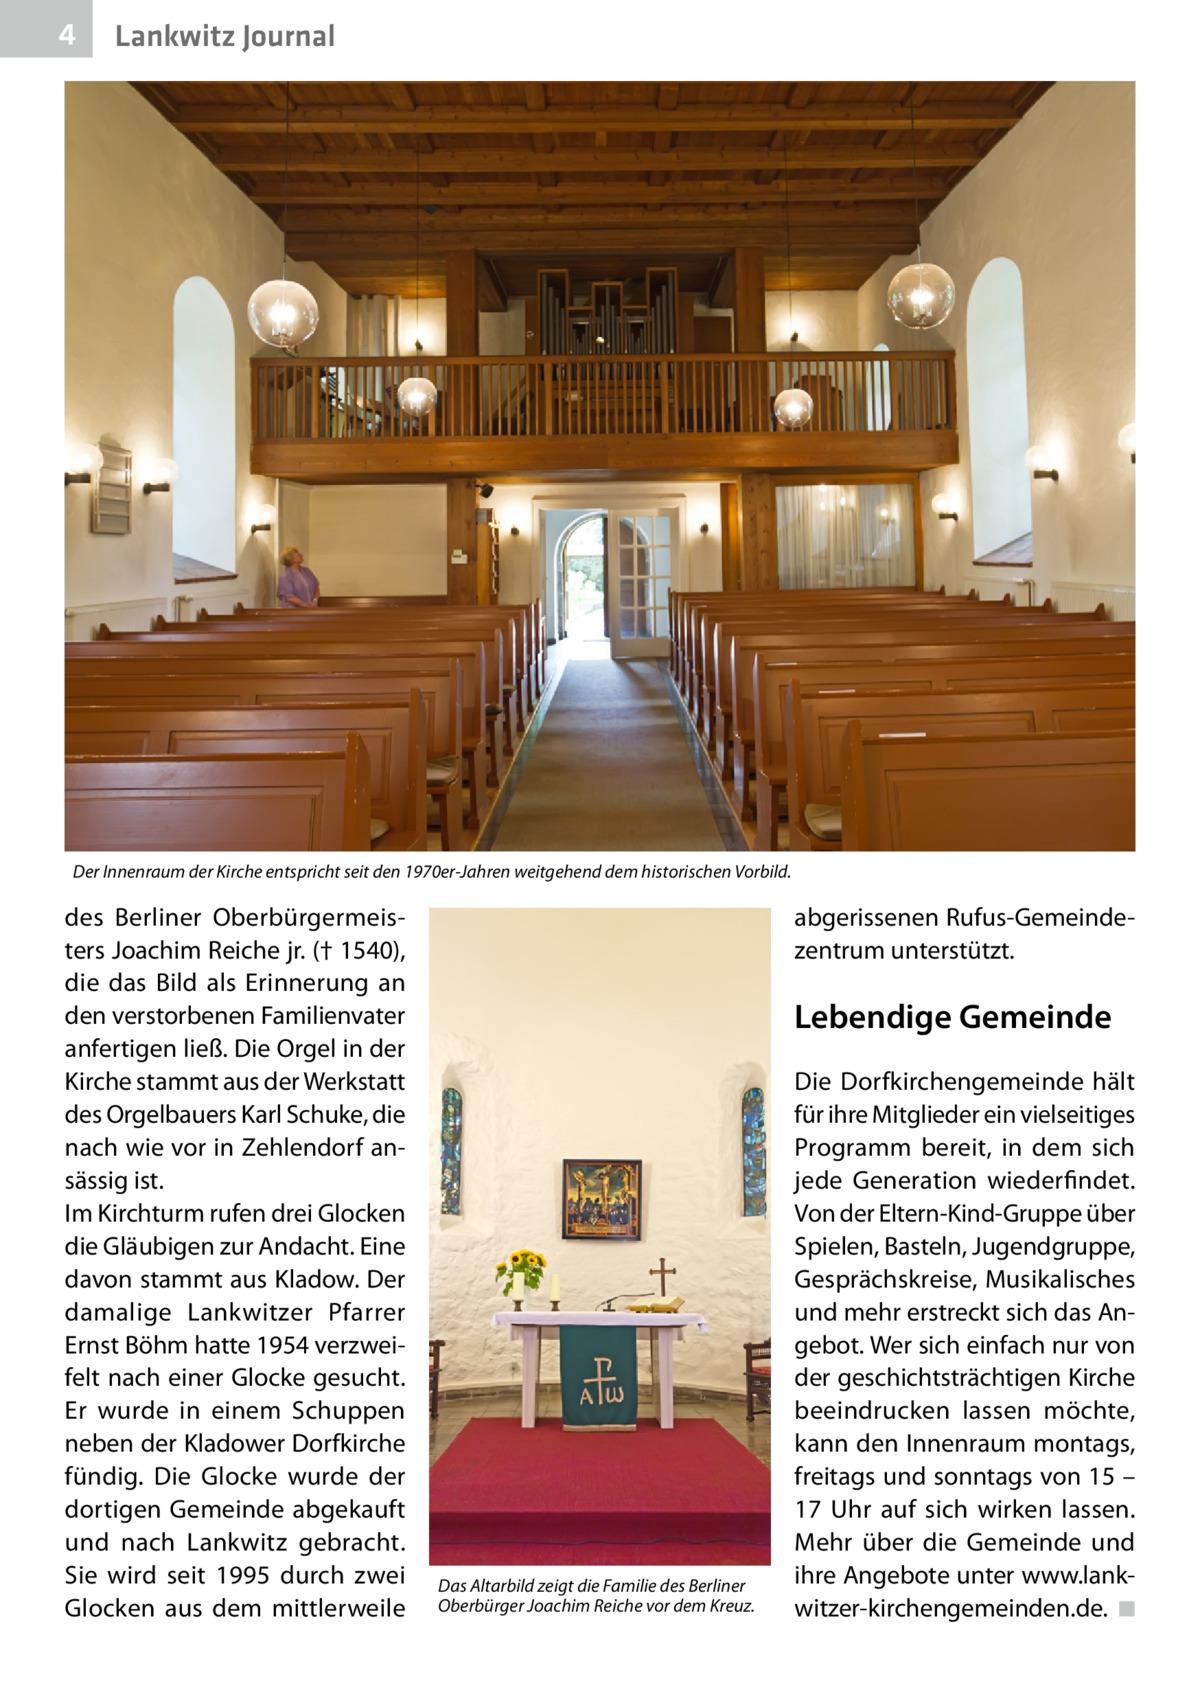 4  Lankwitz Journal  Der Innenraum der Kirche entspricht seit den 1970er-Jahren weitgehend dem historischen Vorbild.  des Berliner Oberbürgermeisters Joachim Reiche jr. († 1540), die das Bild als Erinnerung an den verstorbenen Familienvater anfertigen ließ. Die Orgel in der Kirche stammt aus der Werkstatt des Orgelbauers Karl Schuke, die nach wie vor in Zehlendorf ansässig ist. Im Kirchturm rufen drei Glocken die Gläubigen zur Andacht. Eine davon stammt aus Kladow. Der damalige Lankwitzer Pfarrer Ernst Böhm hatte 1954 verzweifelt nach einer Glocke gesucht. Er wurde in einem Schuppen neben der Kladower Dorfkirche fündig. Die Glocke wurde der dortigen Gemeinde abgekauft und nach Lankwitz gebracht. Sie wird seit 1995 durch zwei Glocken aus dem mittlerweile  abgerissenen Rufus-Gemeindezentrum unterstützt.  Lebendige Gemeinde  Das Altarbild zeigt die Familie des Berliner Oberbürger Joachim Reiche vor dem Kreuz.  Die Dorfkirchengemeinde hält für ihre Mitglieder ein vielseitiges Programm bereit, in dem sich jede Generation wiederfindet. Von der Eltern-Kind-Gruppe über Spielen, Basteln, Jugendgruppe, Gesprächskreise, Musikalisches und mehr erstreckt sich das Angebot. Wer sich einfach nur von der geschichtsträchtigen Kirche beeindrucken lassen möchte, kann den Innenraum montags, freitags und sonntags von 15 – 17 Uhr auf sich wirken lassen. Mehr über die Gemeinde und ihre Angebote unter www.lankwitzer-kirchengemeinden.de. �◾